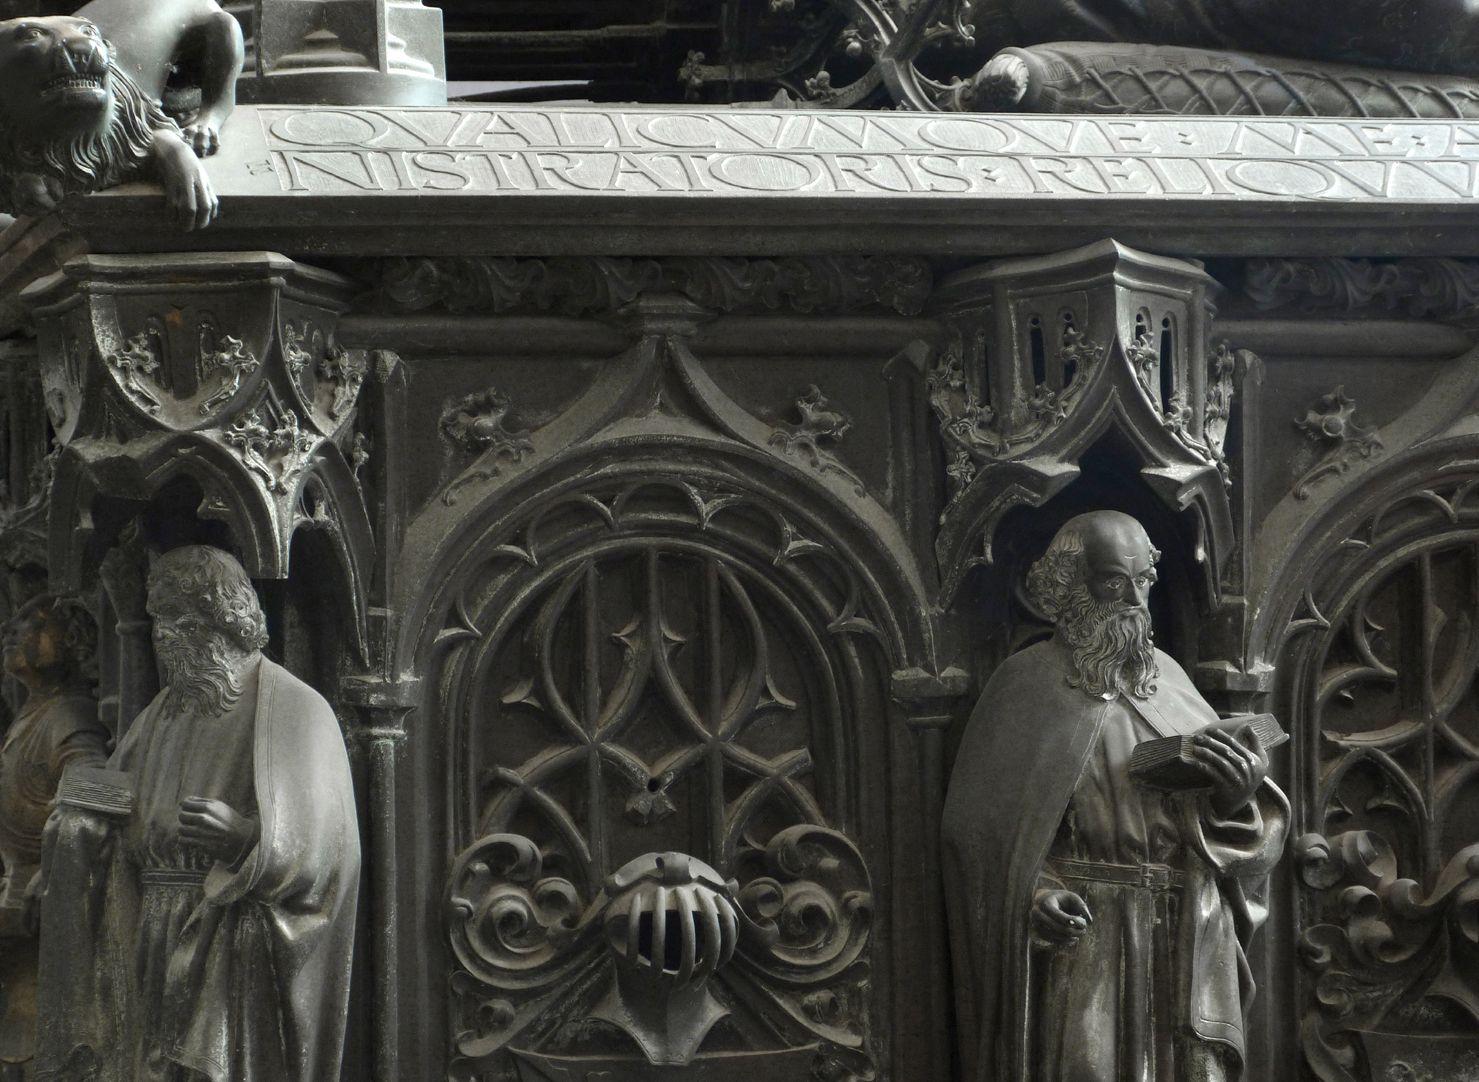 Tumba des Erzbischofs Ernst von Sachsen Detail zweier Apostel mit Baldachinen und Blendmaßwerknischen